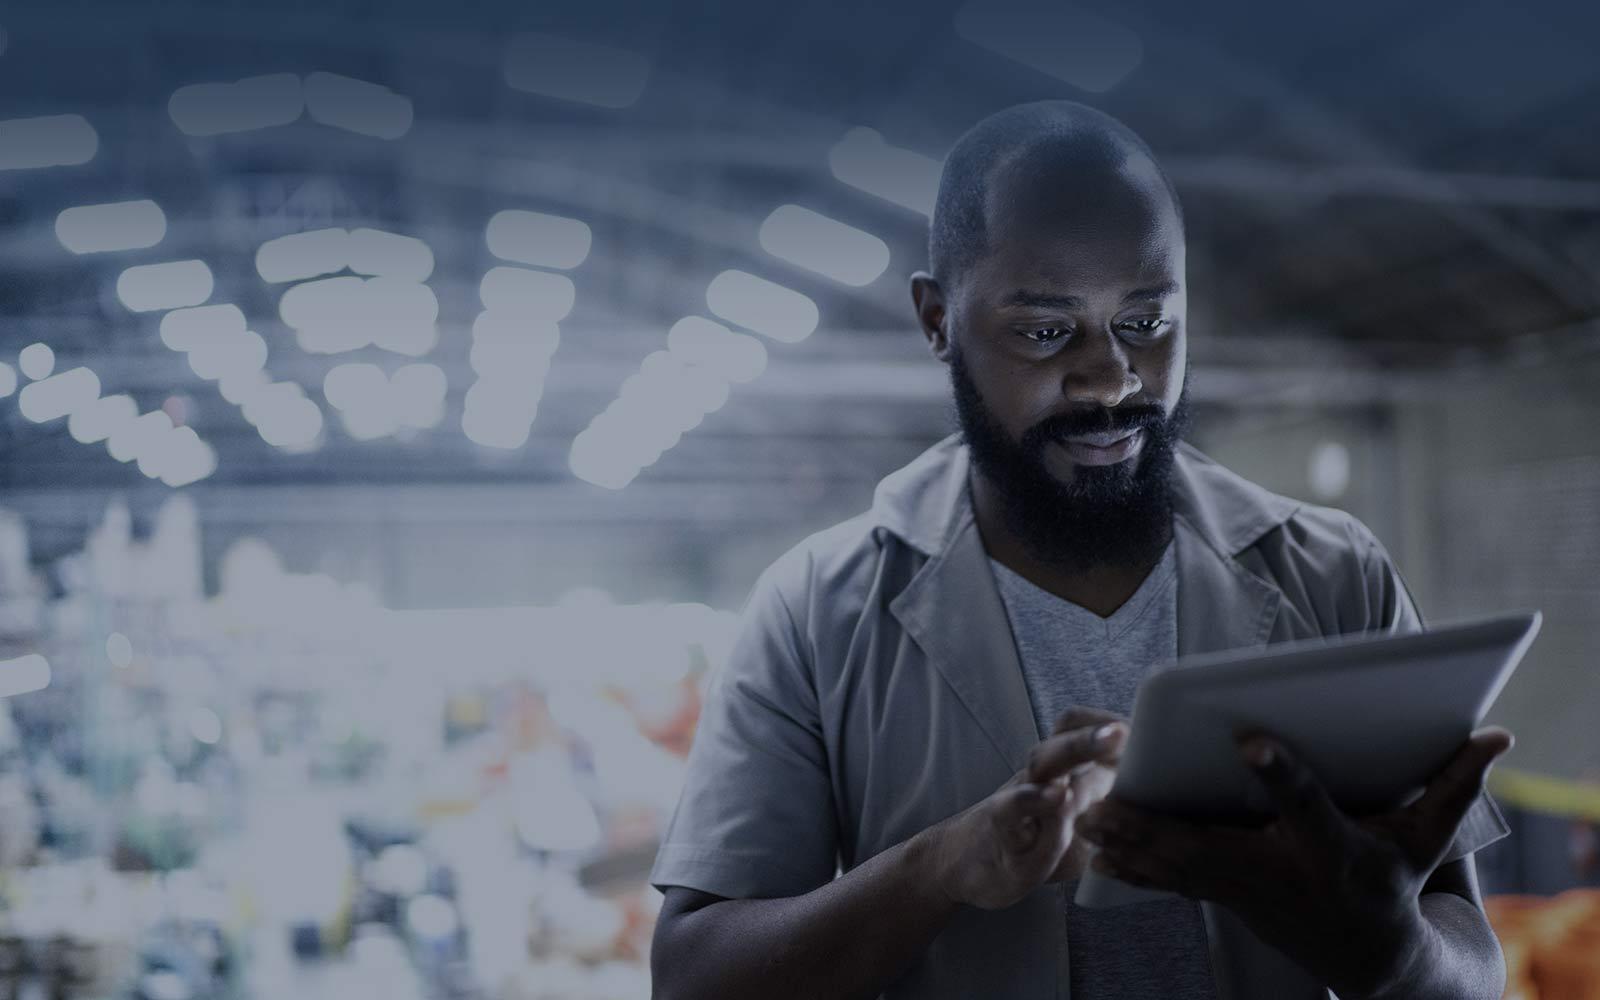 Produktionsleiter mit digitalem Tablet